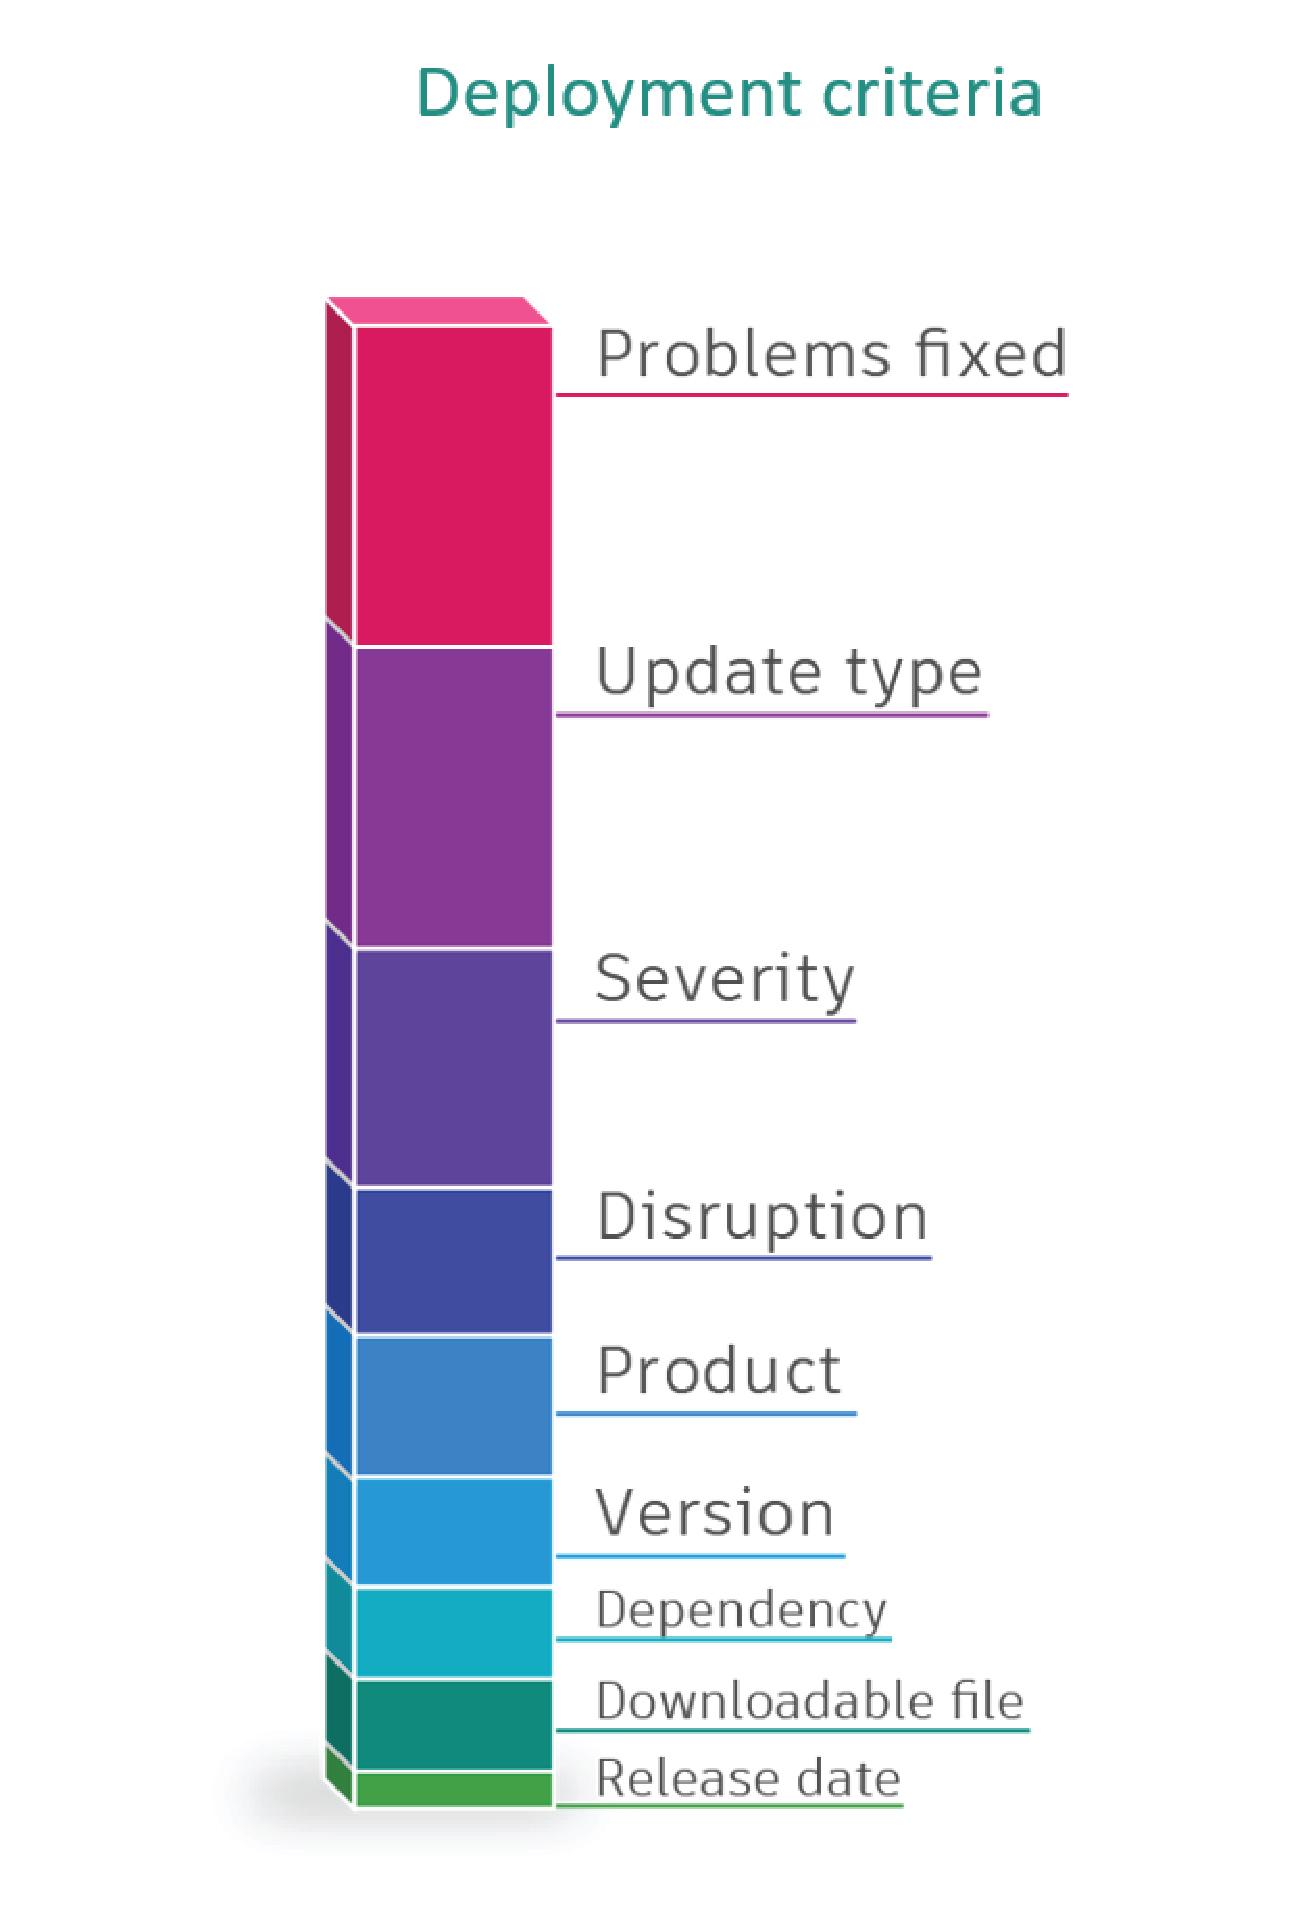 Autodesk_slides-30.jpg